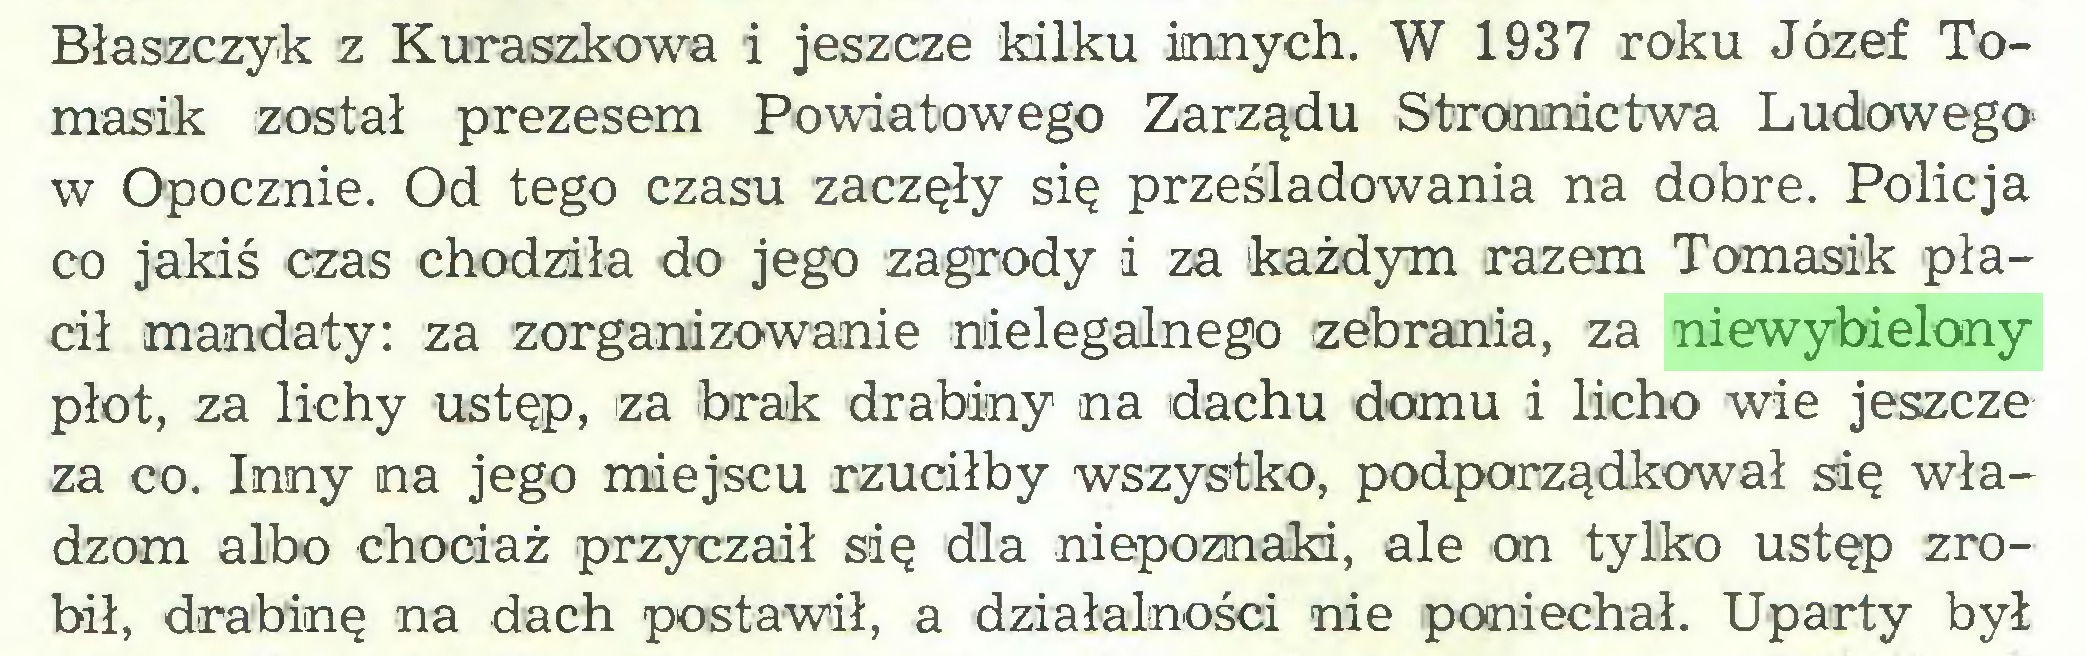 (...) Błaszczyk z Kuraszkowa i jeszcze kilku innych. W 1937 roku Józef Tomasik został prezesem Powiatowego Zarządu Stronnictwa Ludowegow Opocznie. Od tego czasu zaczęły się prześladowania na dobre. Policja co jakiś czas chodziła do jego zagrody i za każdym razem Tomasik płacił mandaty: za zorganizowanie nielegalnego zebrania, za niewybielony płot, za lichy ustęp, za brak drabiny na dachu domu i licho wie jeszcze za co. Inny na jego miejscu rzuciłby wszystko, podporządkował się władzom albo chociaż przyczaił się dla niepoznaki, ale on tylko ustęp zrobił, drabinę na dach postawił, a działalności nie poniechał. Uparty był...